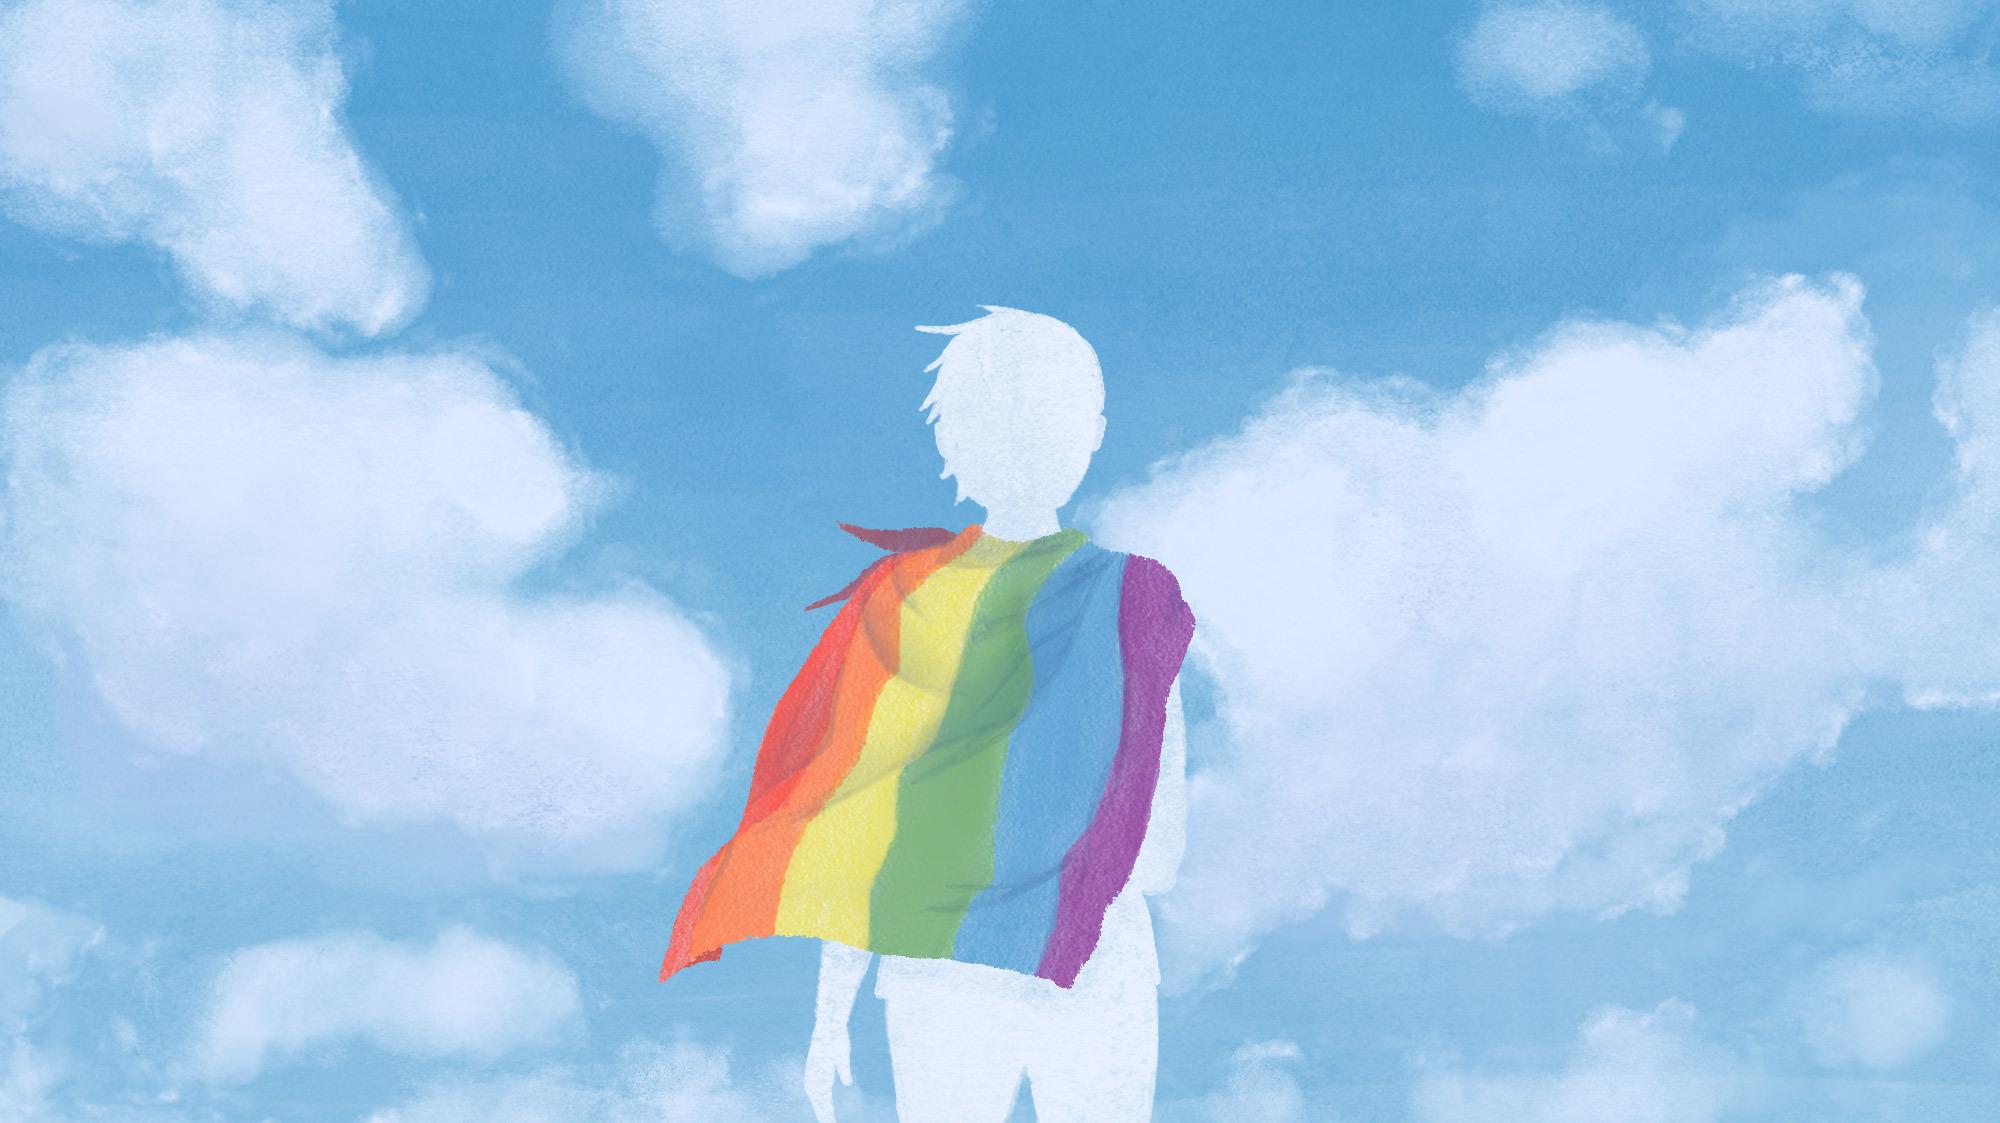 Tôi học được gì khi đi tìm bản dạng giới và xu hướng tình dục của mình?